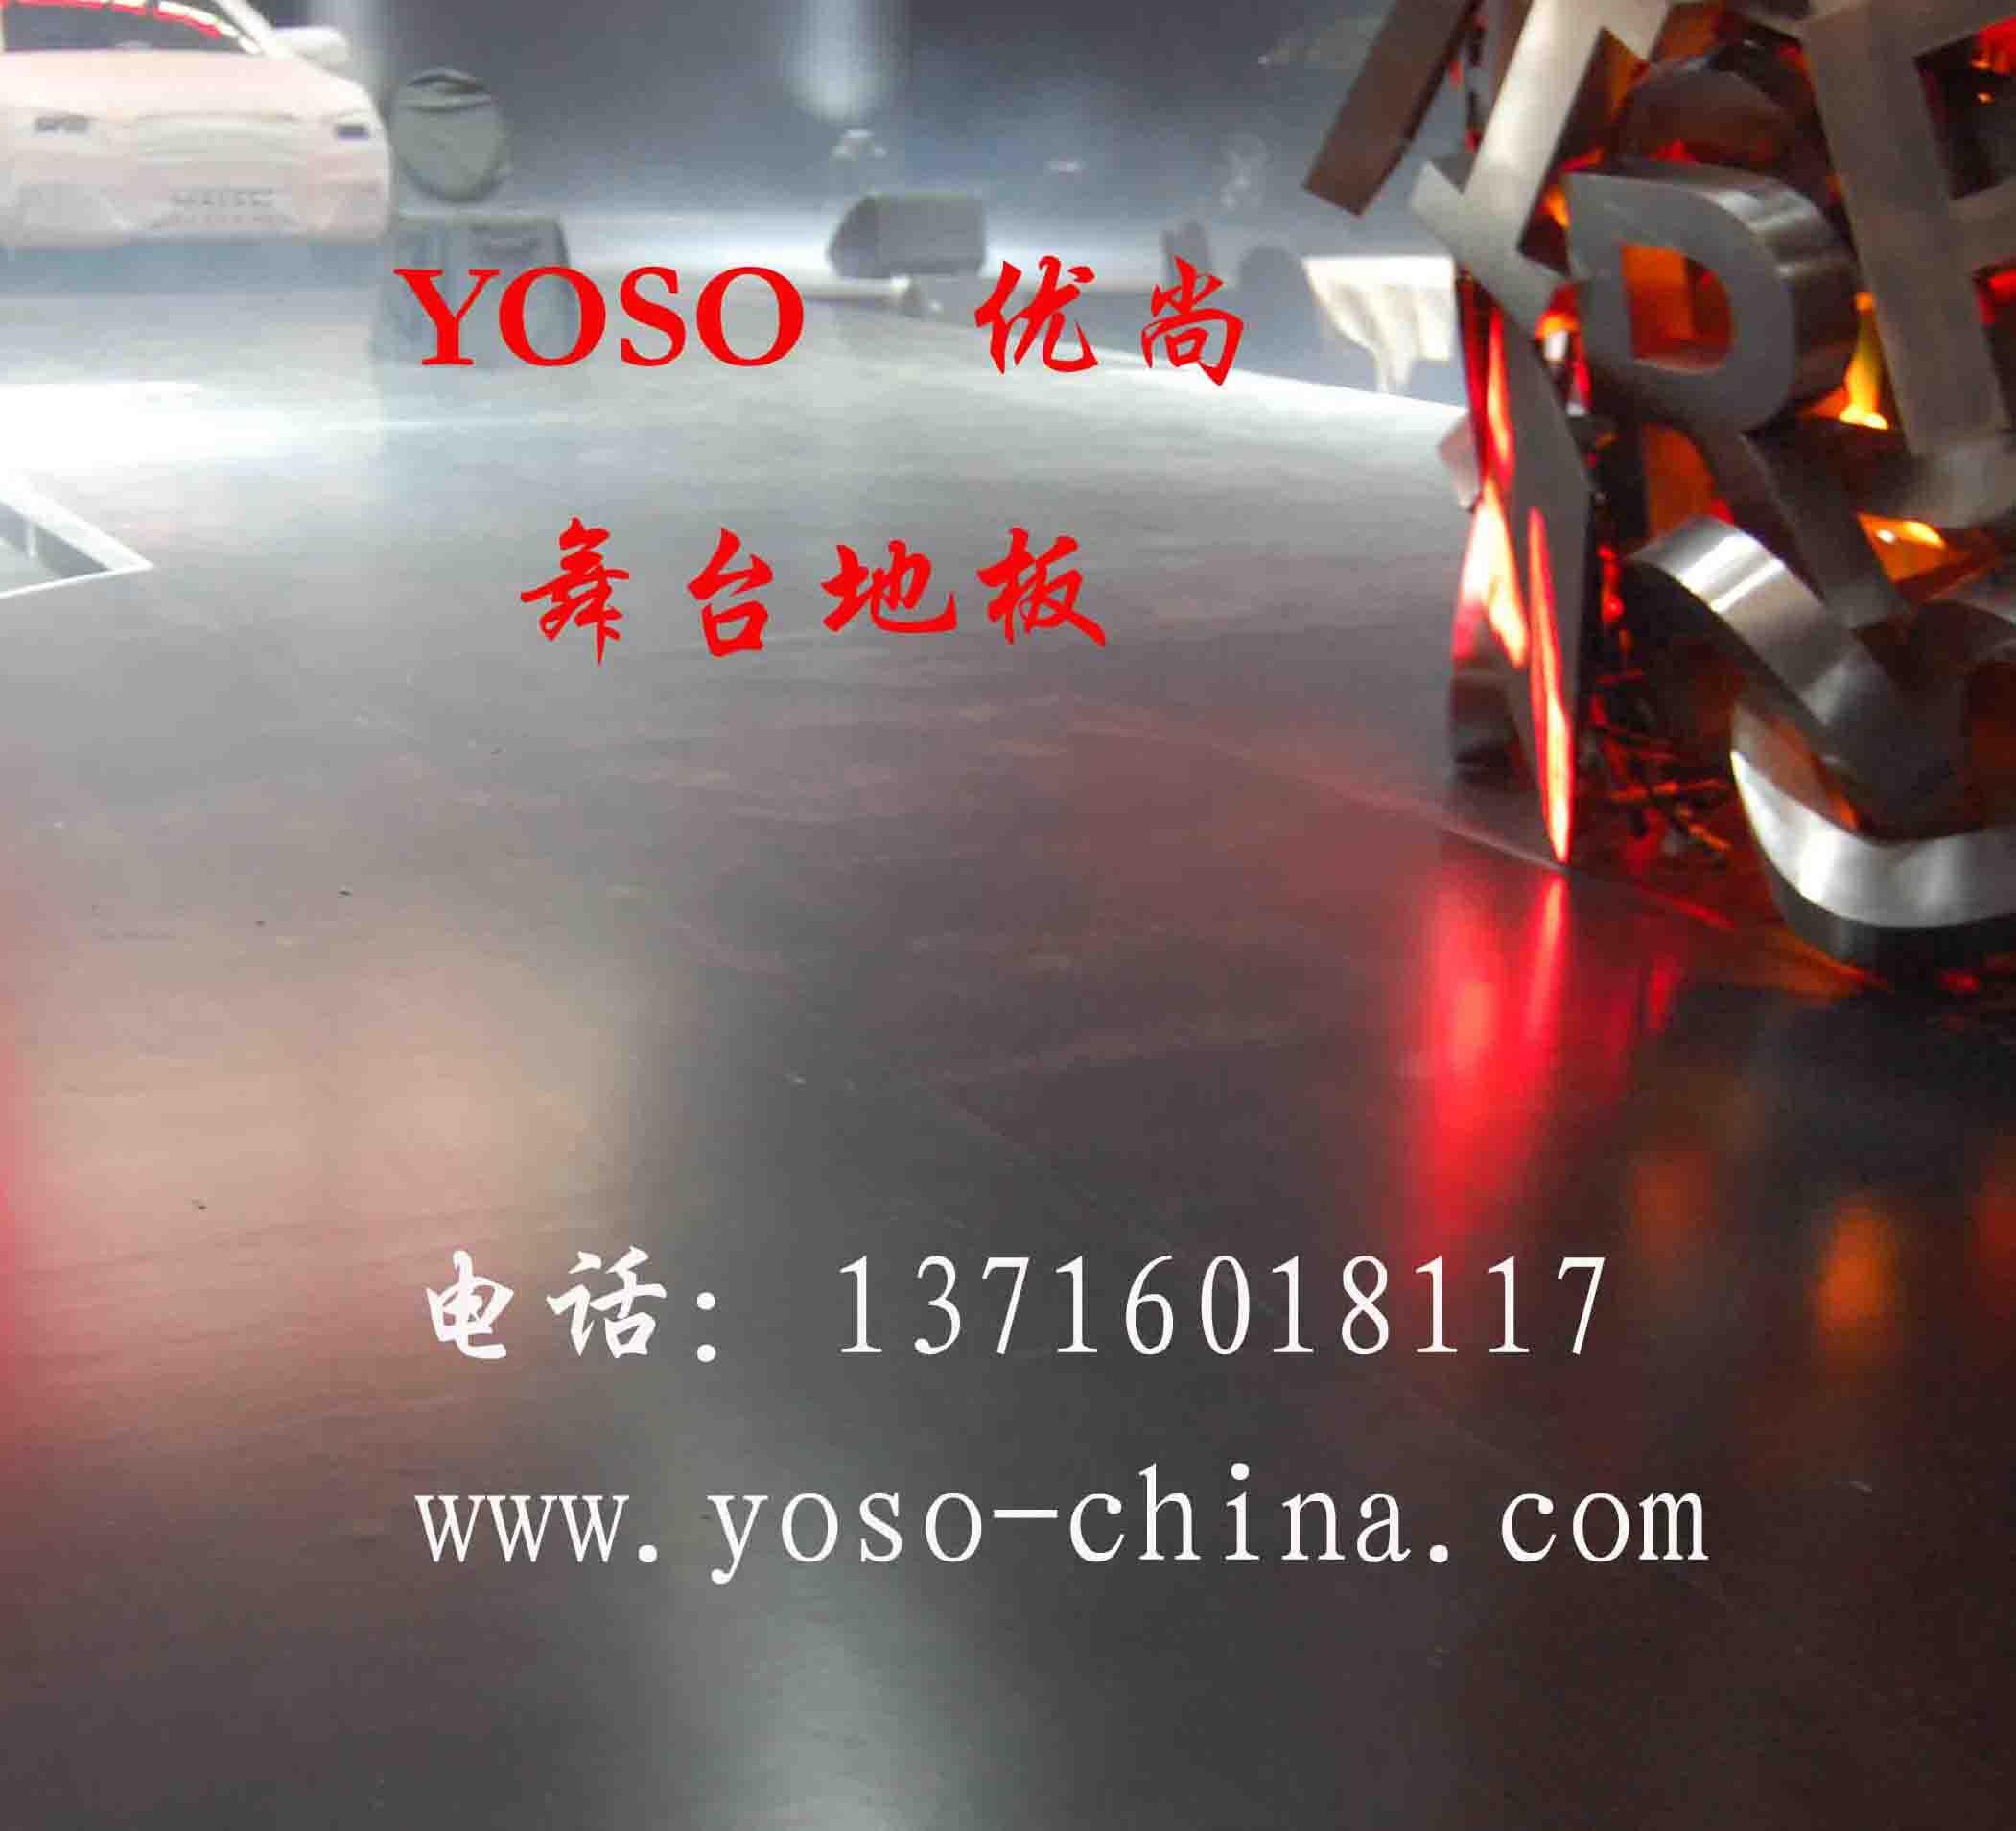 舞台专用地板,专业舞台地胶,专业舞台地板 北京福莱尔鼎盛高清图片